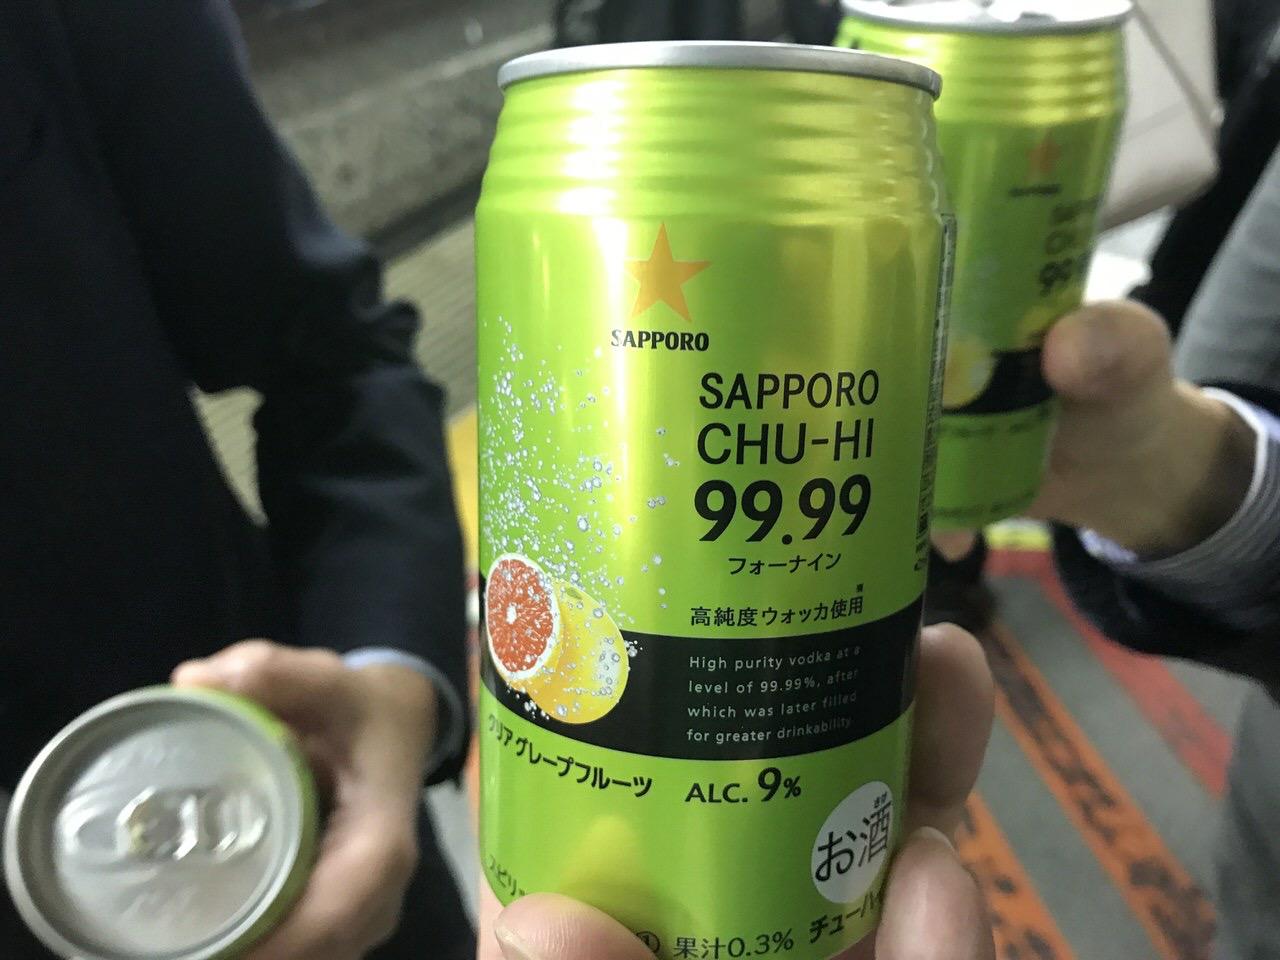 チューハイ「99.99(フォーナイン)」グレープフルーツを呑んでみた【感想】